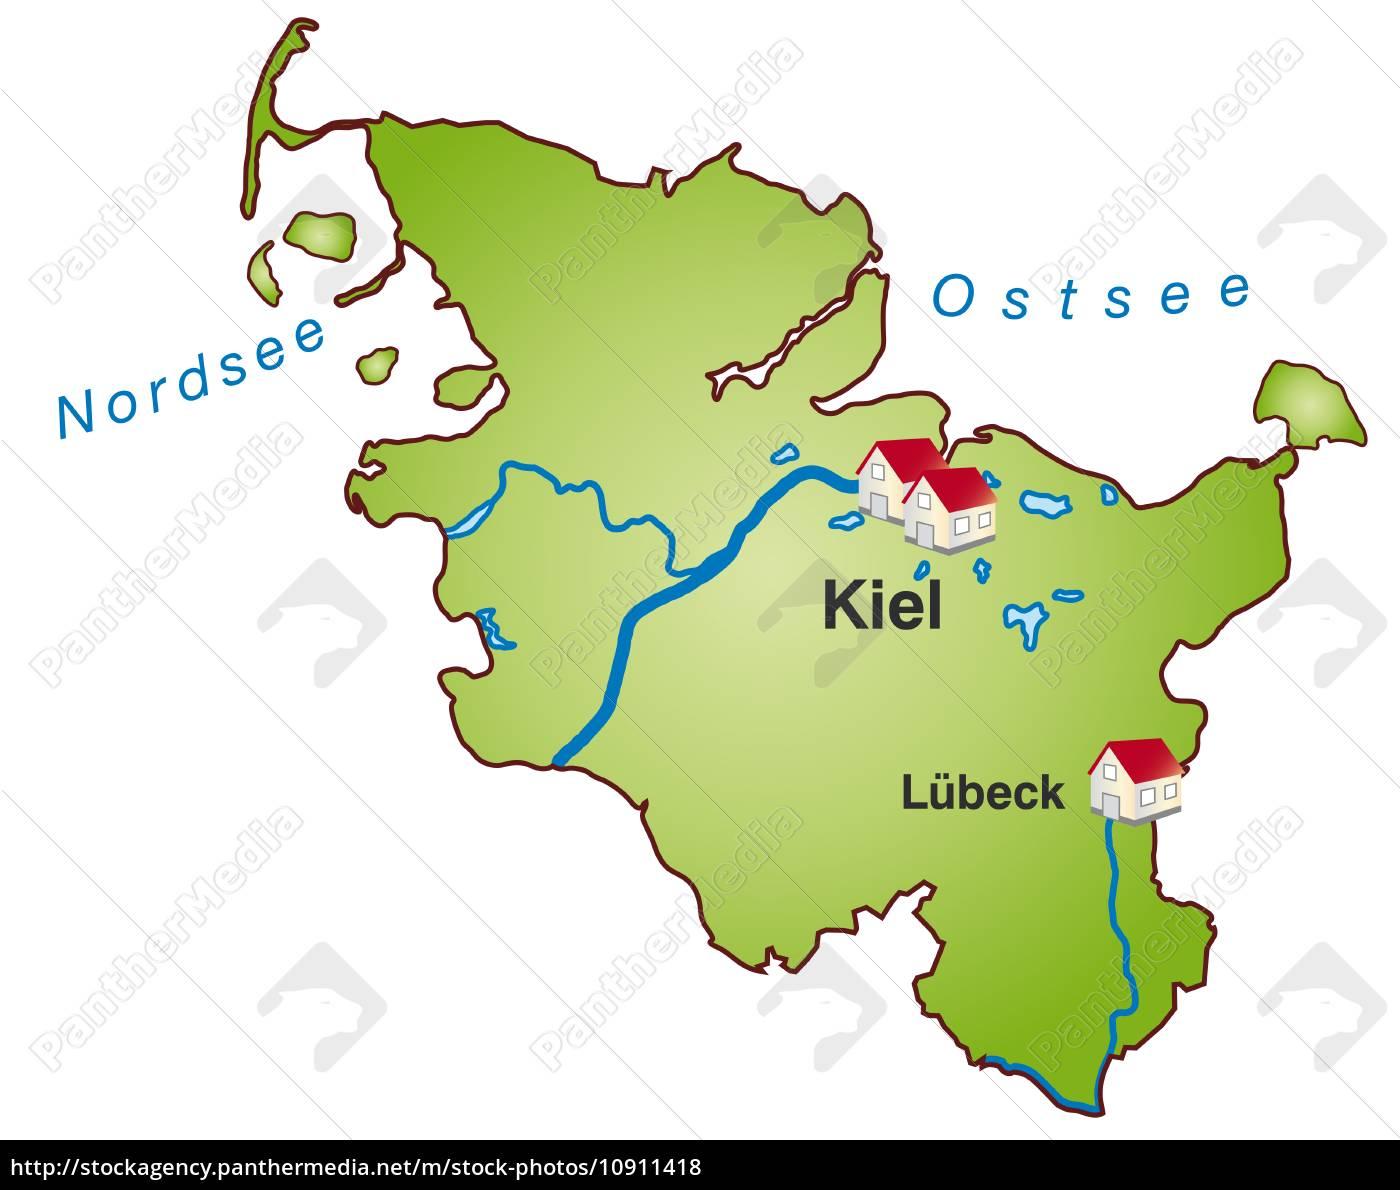 Ostsee Karte Schleswig Holstein.Stock Bild 10911418 Karte Von Schleswig Holstein Als Infografik In Grün